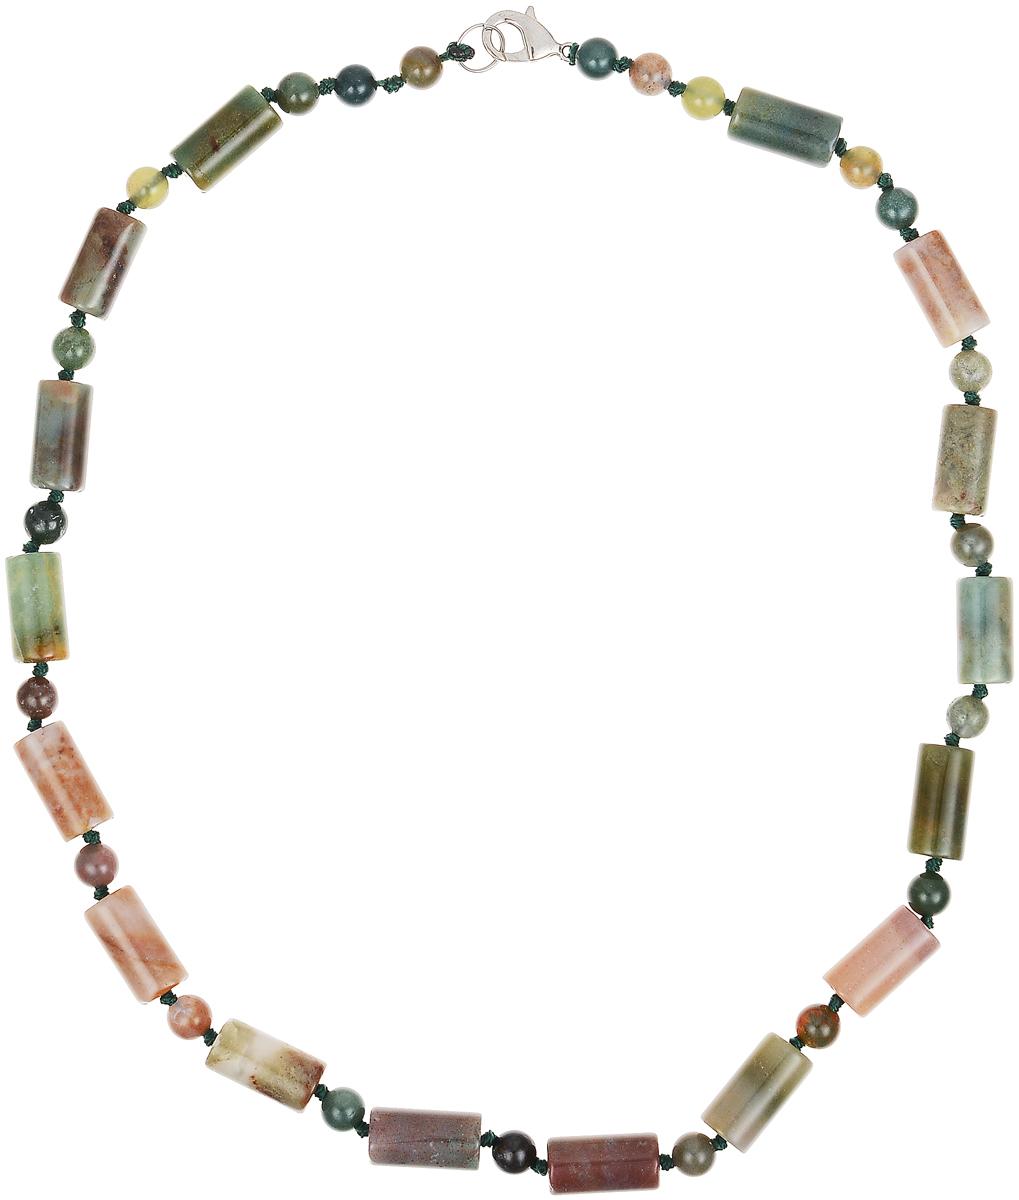 Бусы Art-Silver, цвет: зеленый. СМЦ48-10-453СМЦ48-10-453Бусы Art-Silver выполнены из бижутерного сплава и камня сердолика. Изделие оснащено удобным замком-карабином.